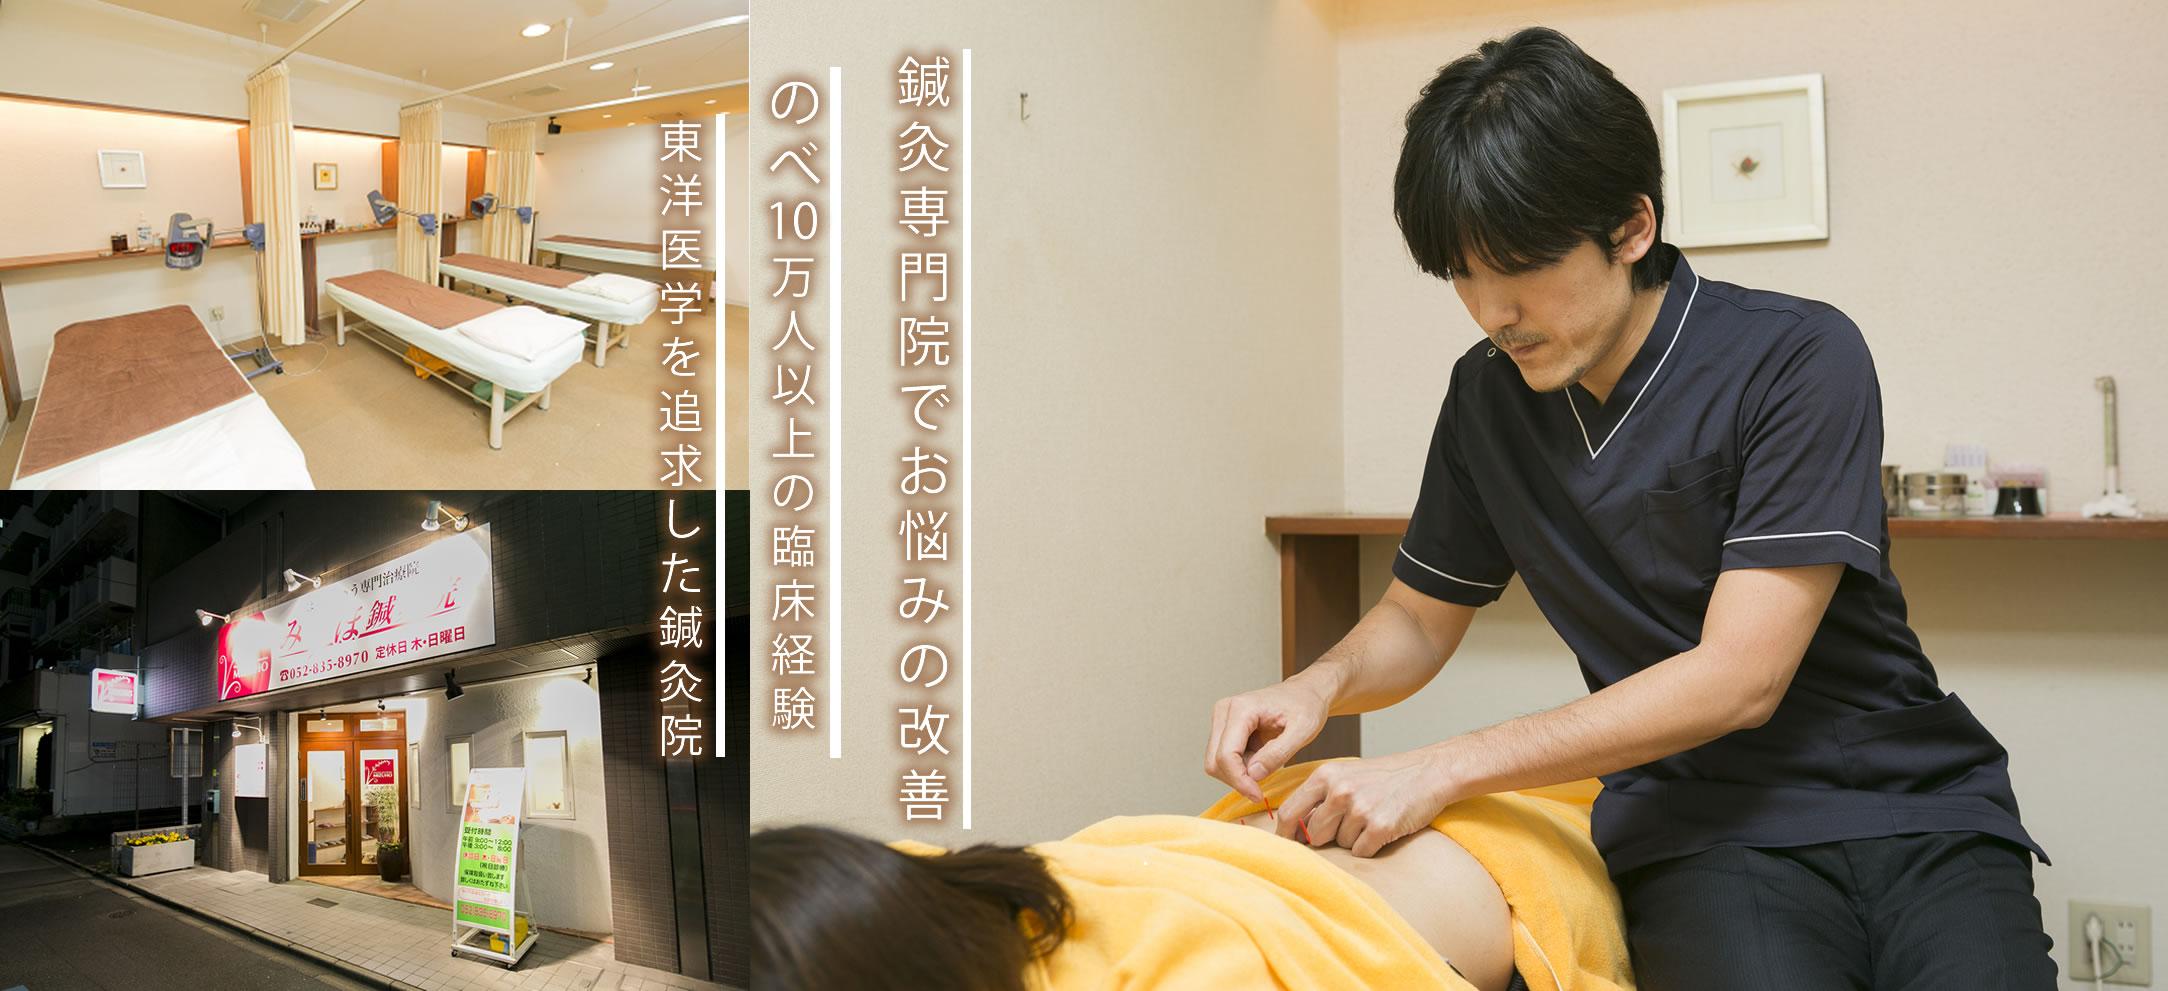 痛みから女性特有のお悩みまで改善する、のべ10万人以上の実績を持つ信頼ある鍼灸院